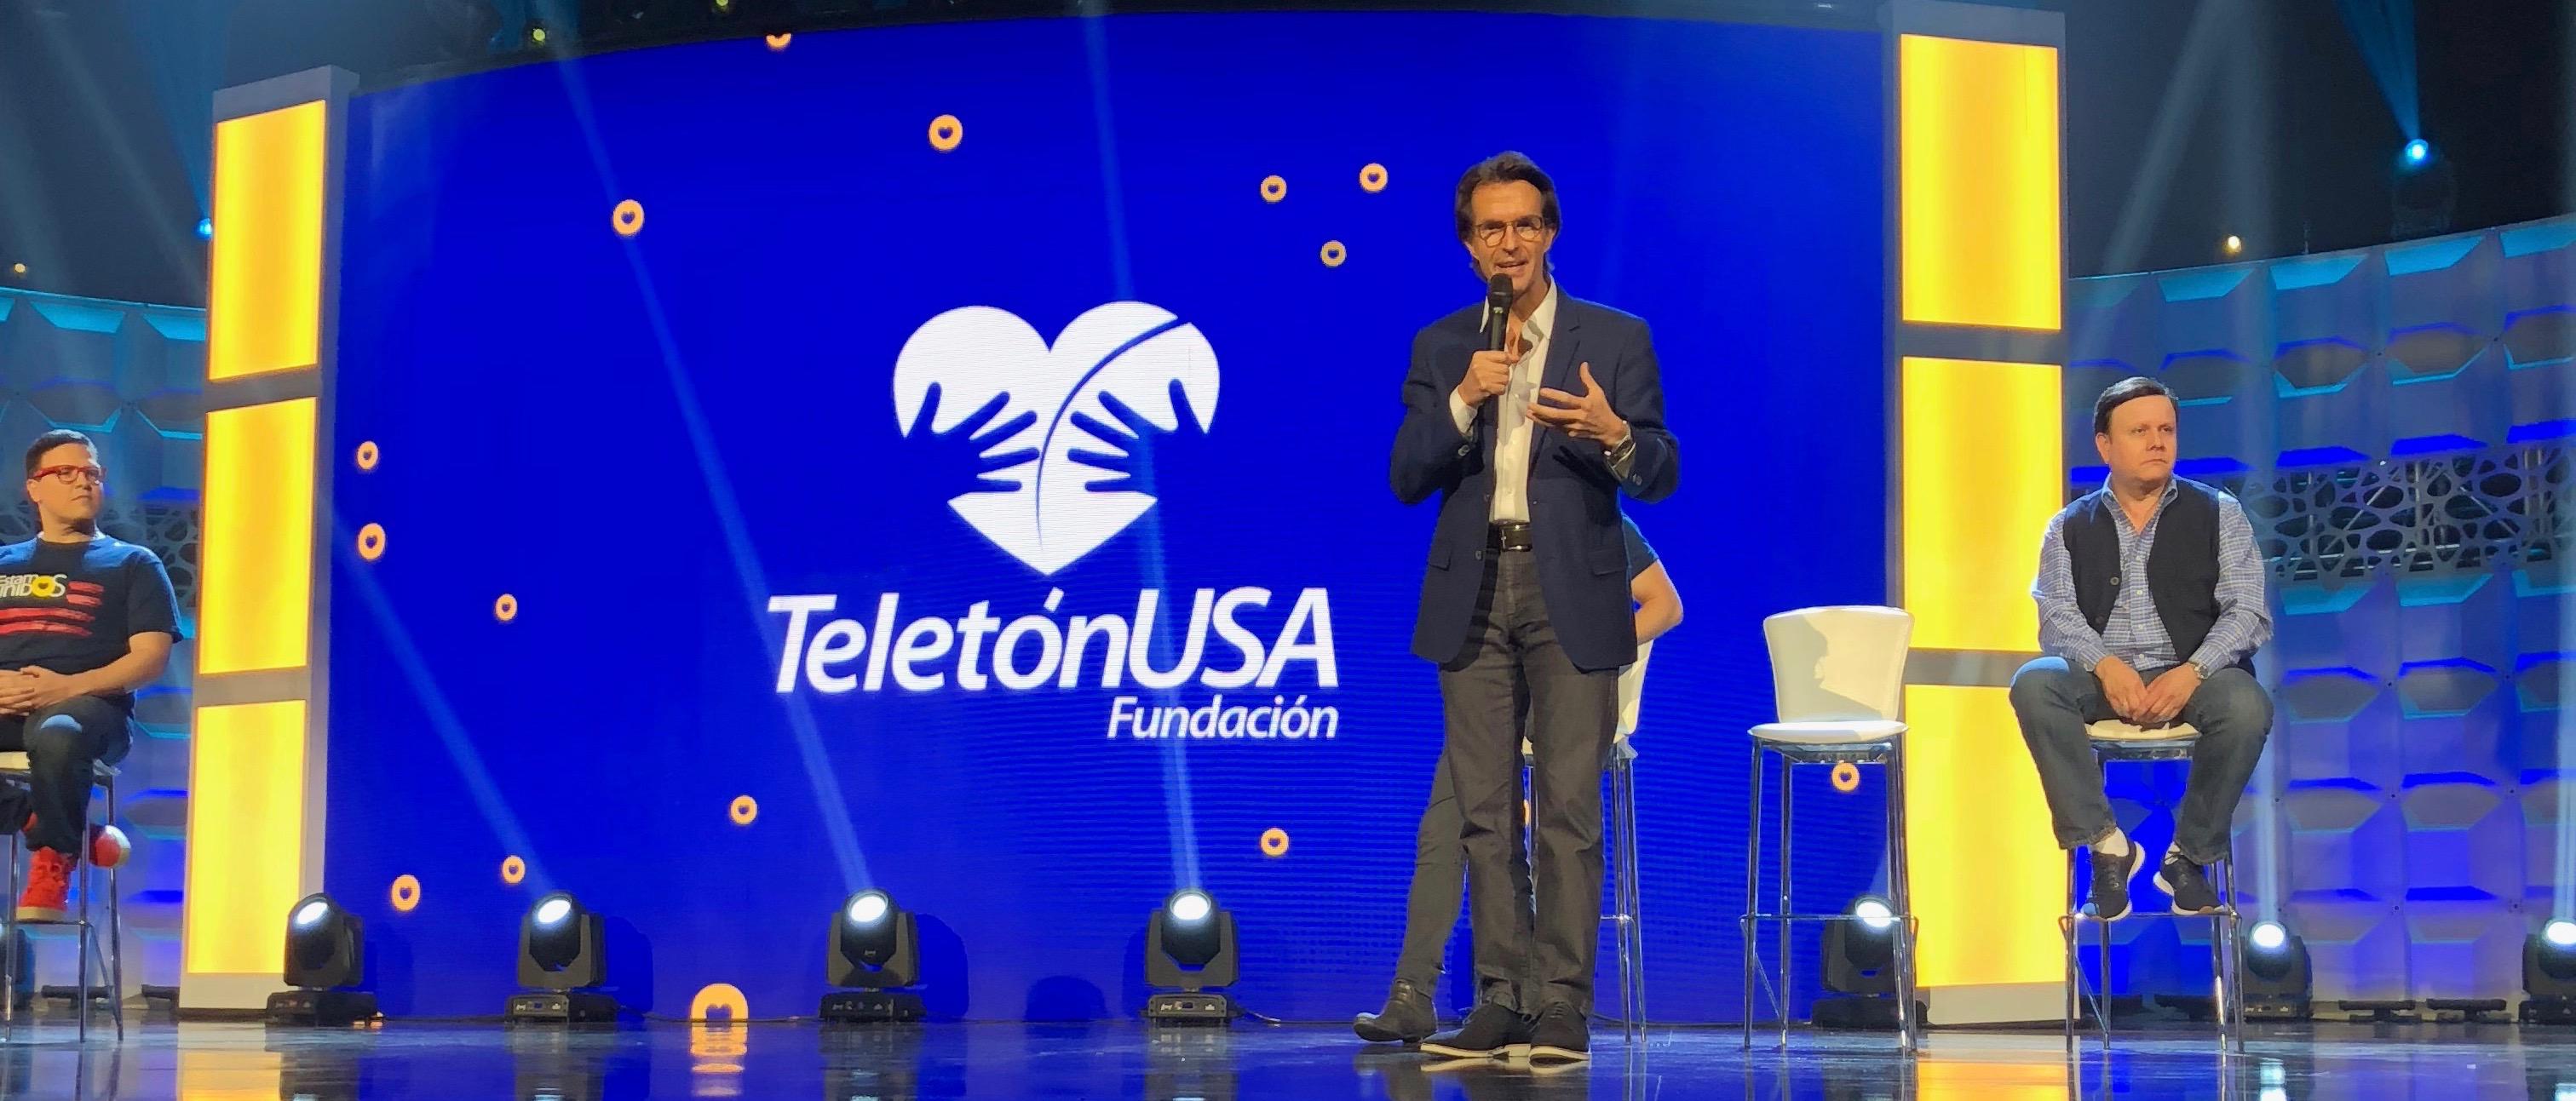 Fernando Landeros, la imagen detrás de la fundación Teletón USA y Teletón México